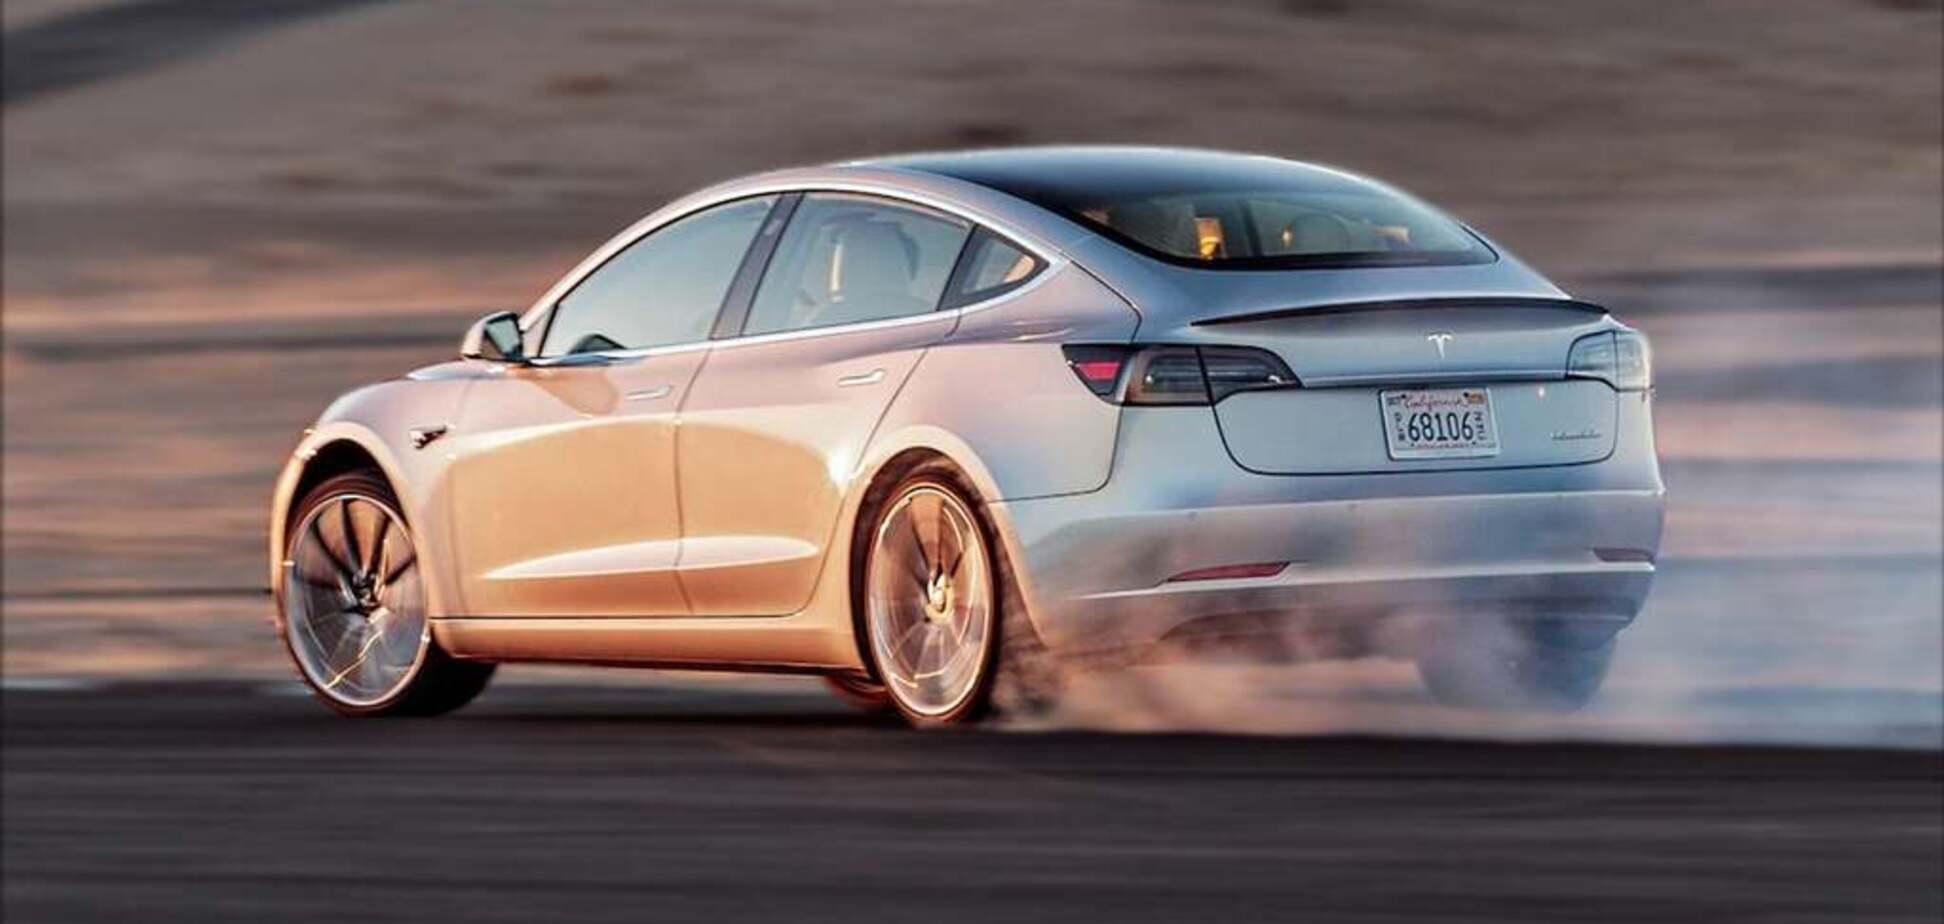 Tesla збільшила максимальну швидкість свого популярного електрокара